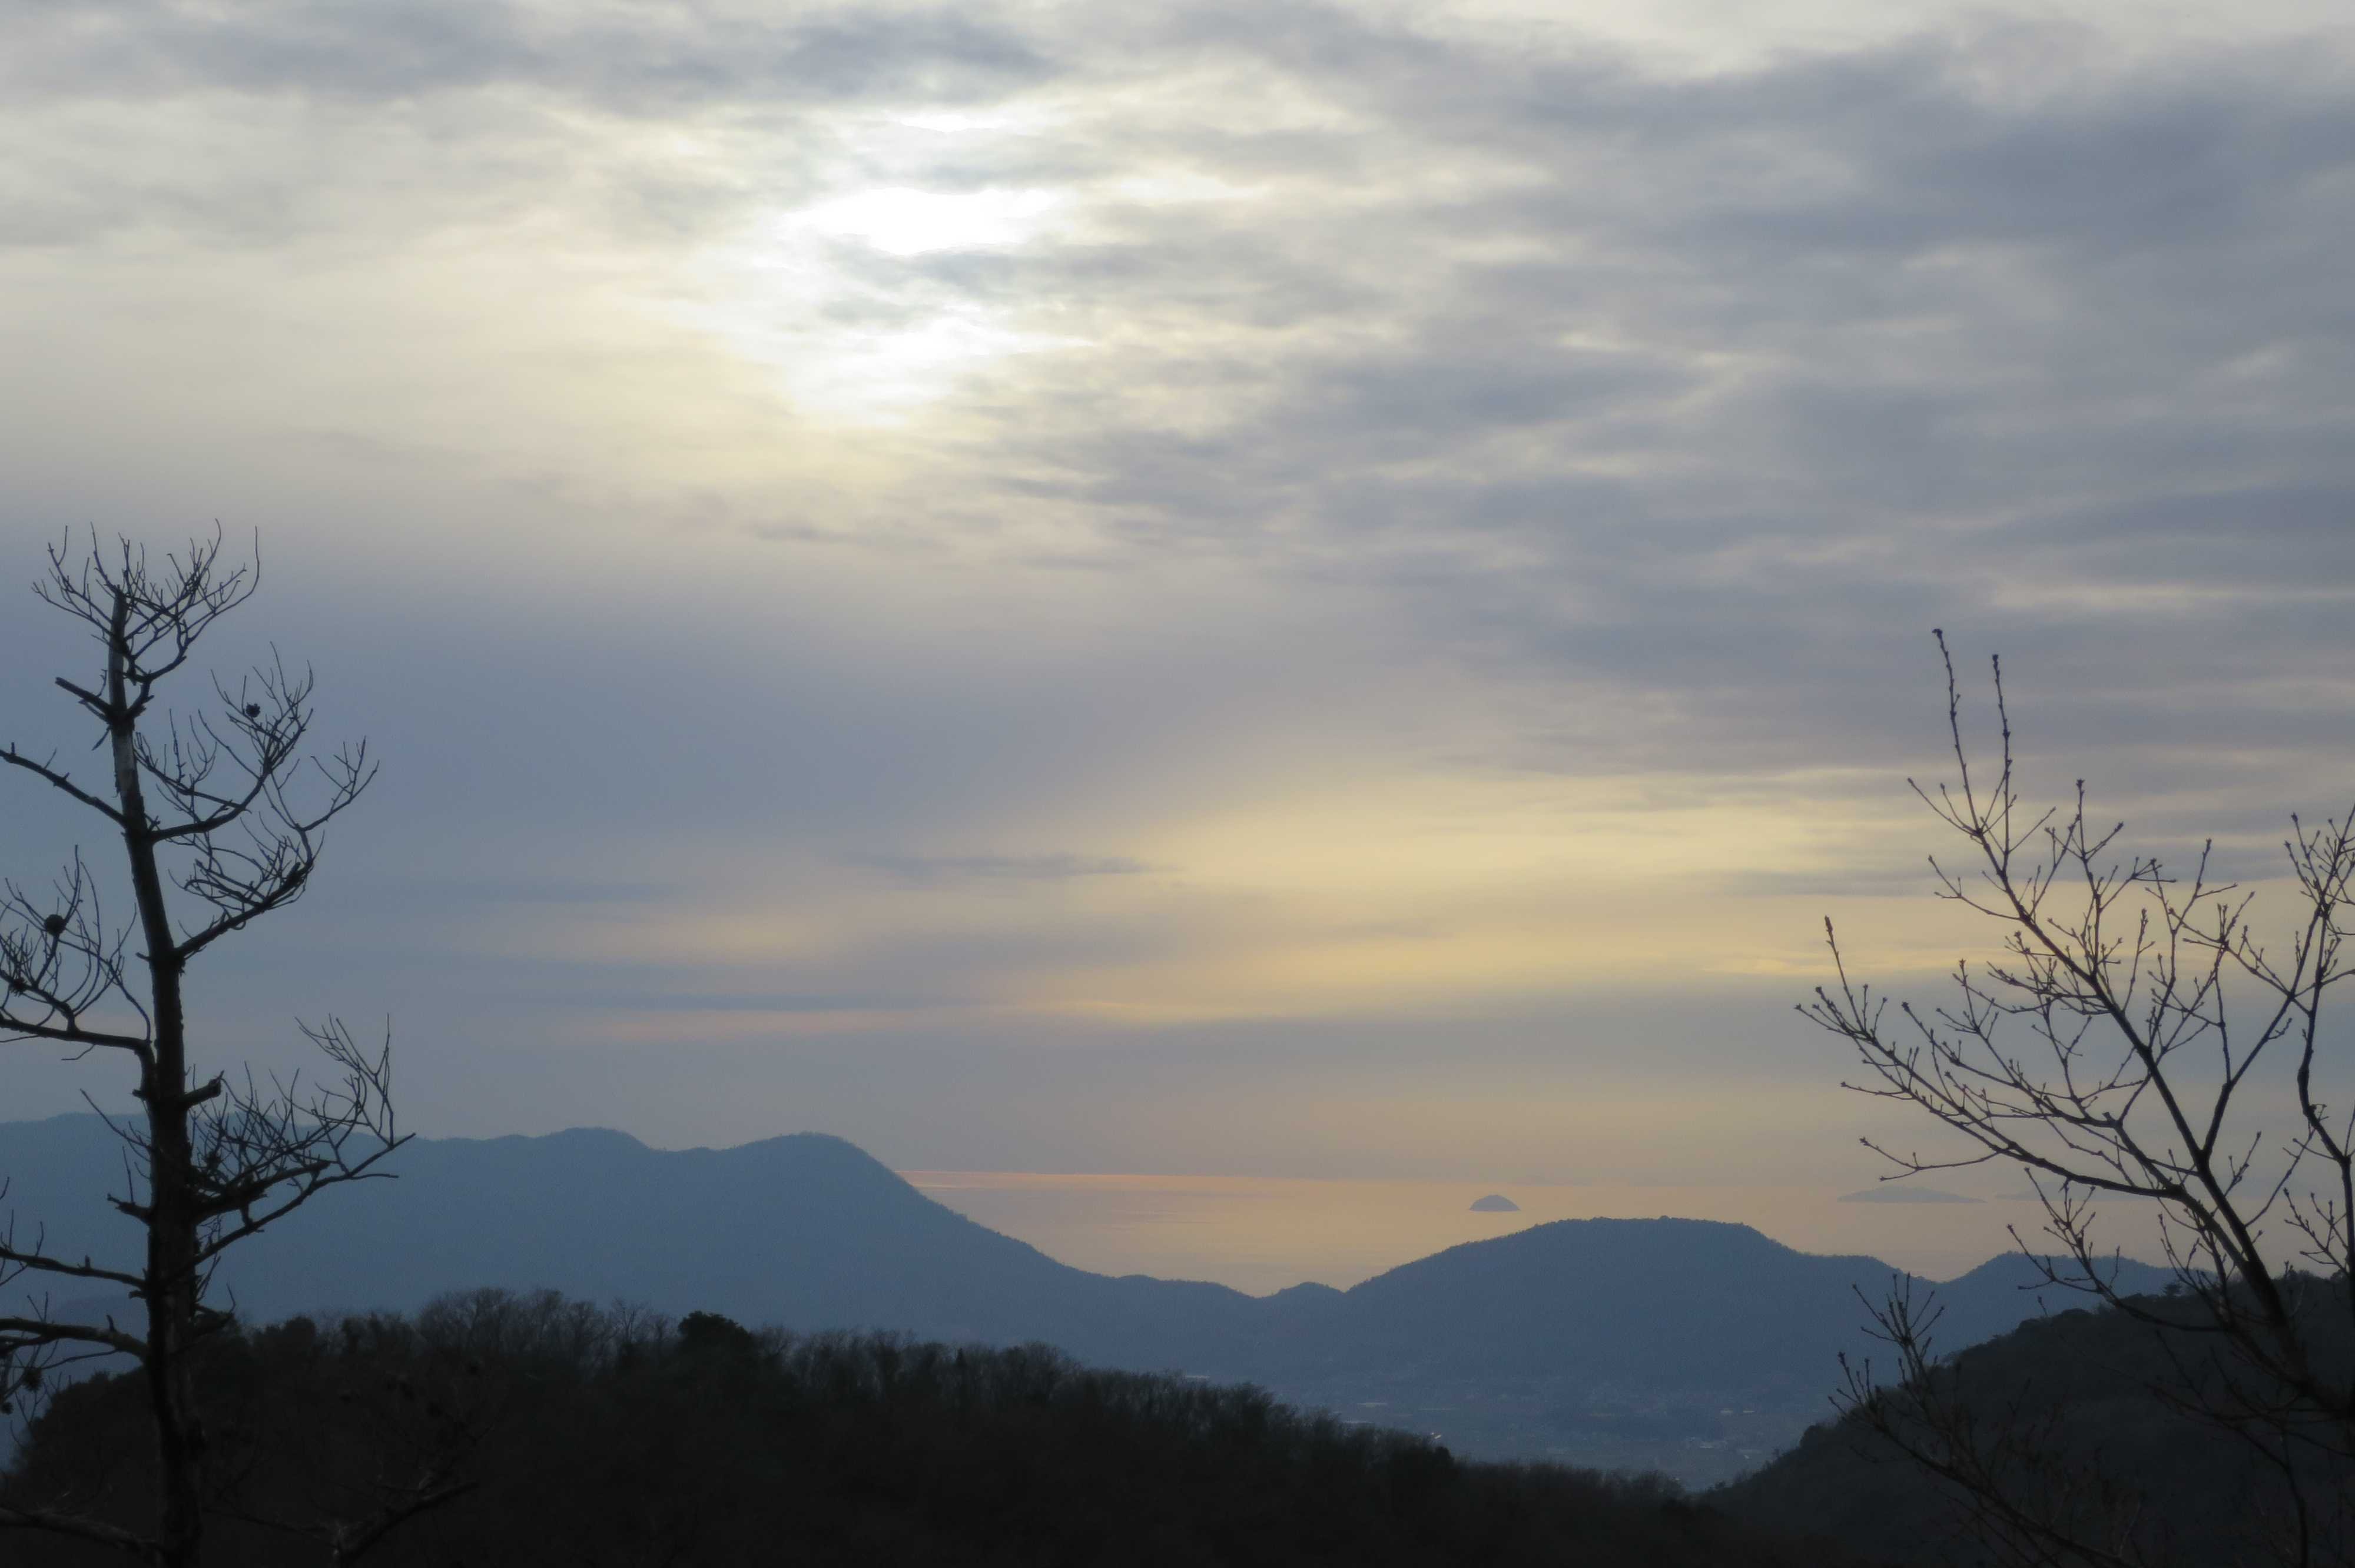 夕陽に染まる瀬戸内海 - 奥の院捨身ヶ嶽禅定